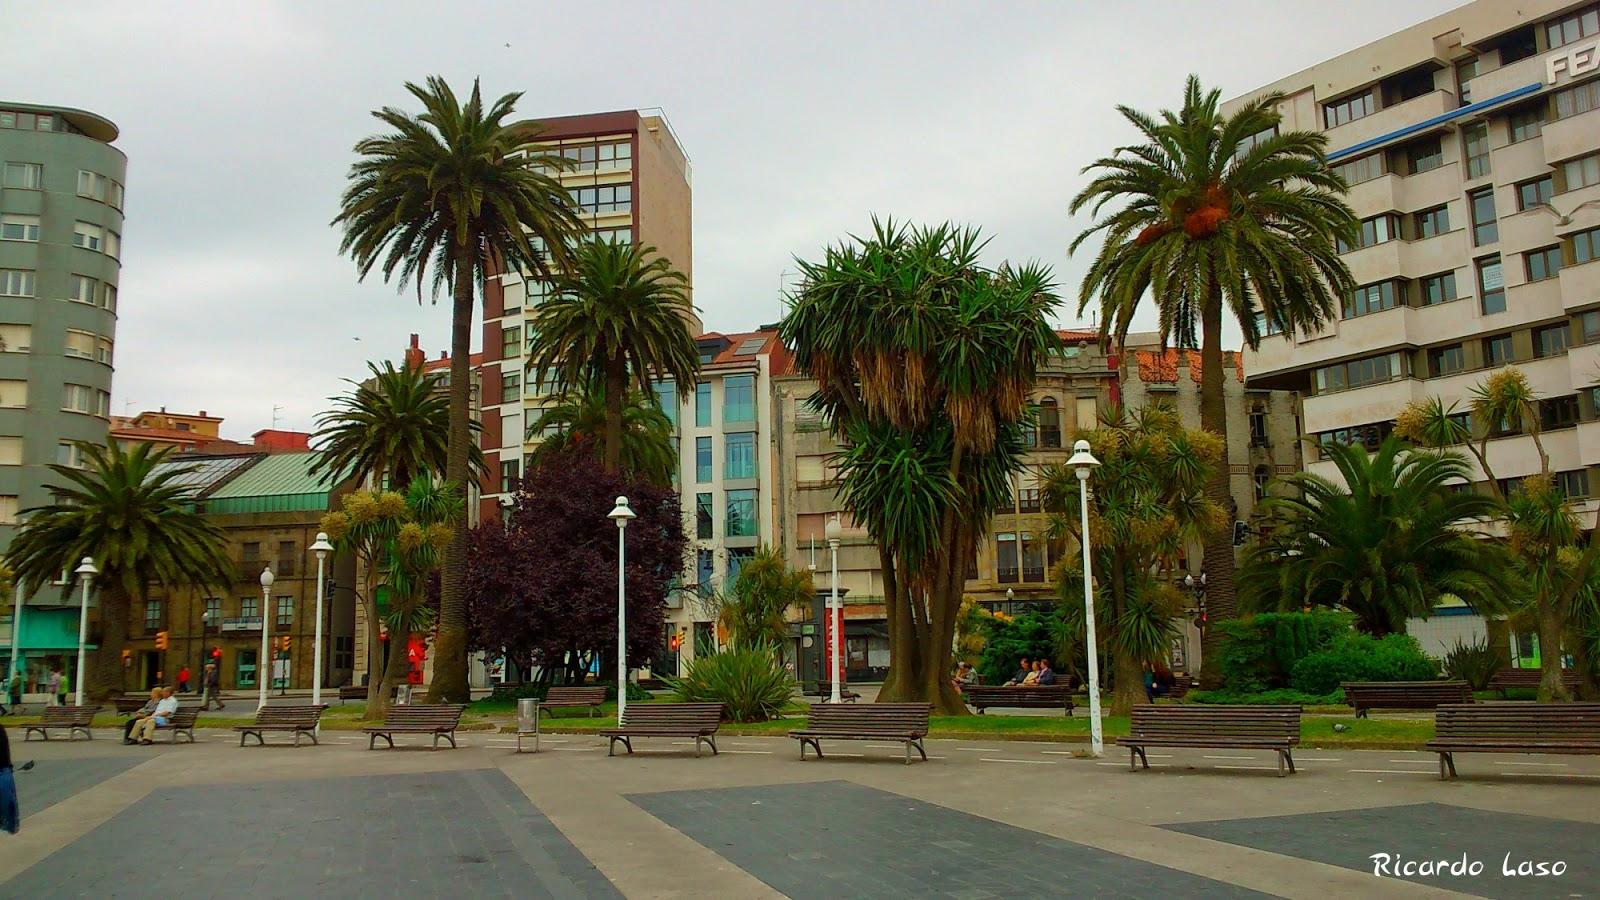 Asturias gij n for Jardines de la reina gijon